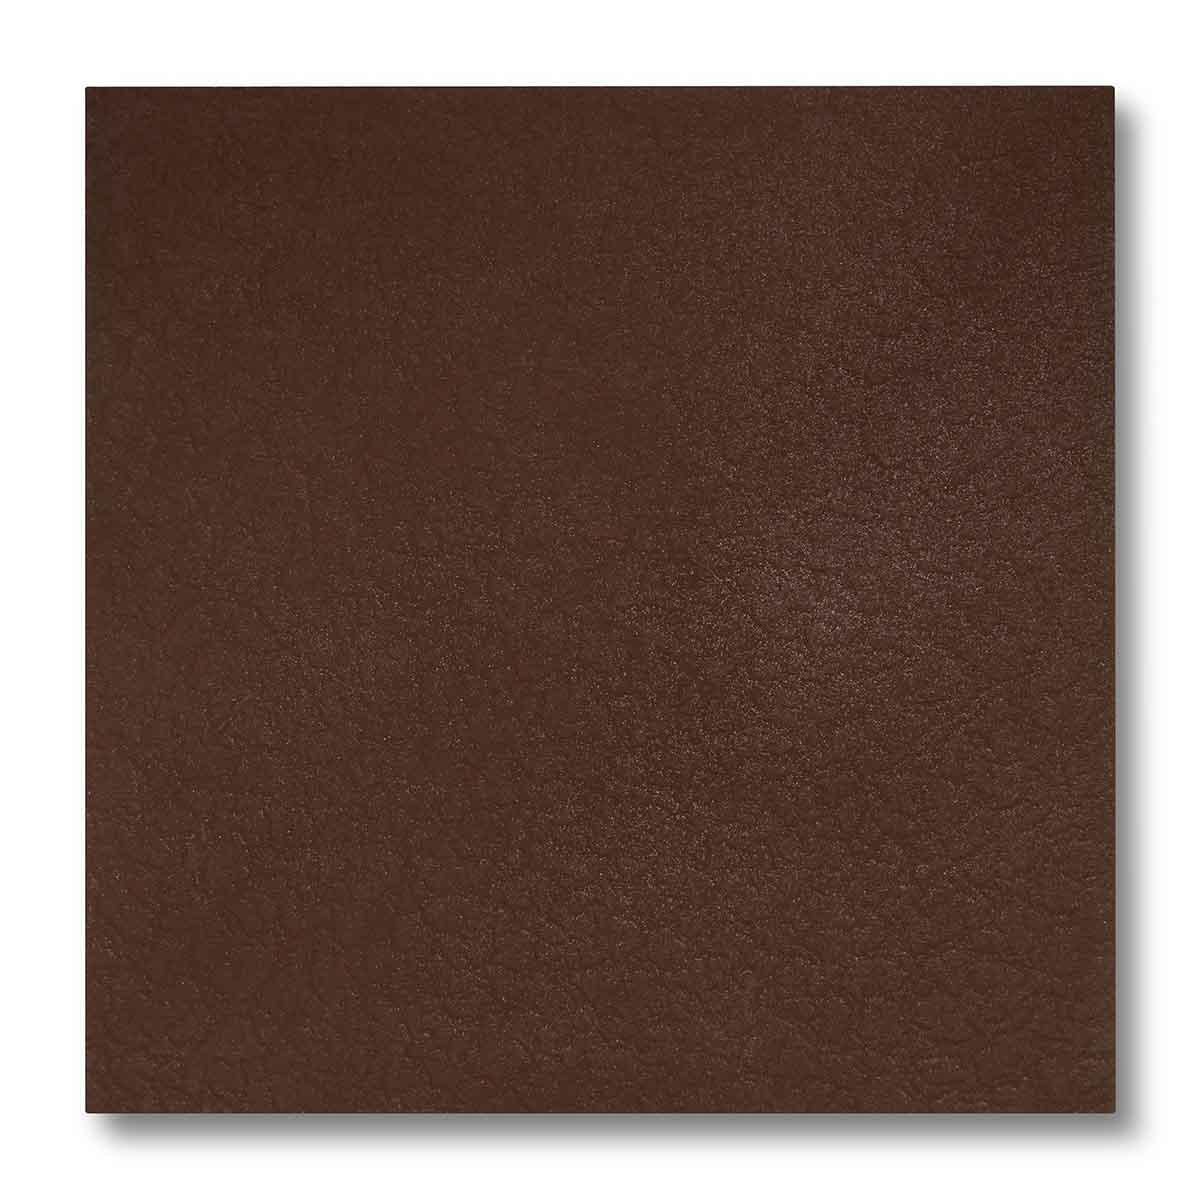 Pannellino di legno dipinto con effetto cuoio colore marrone